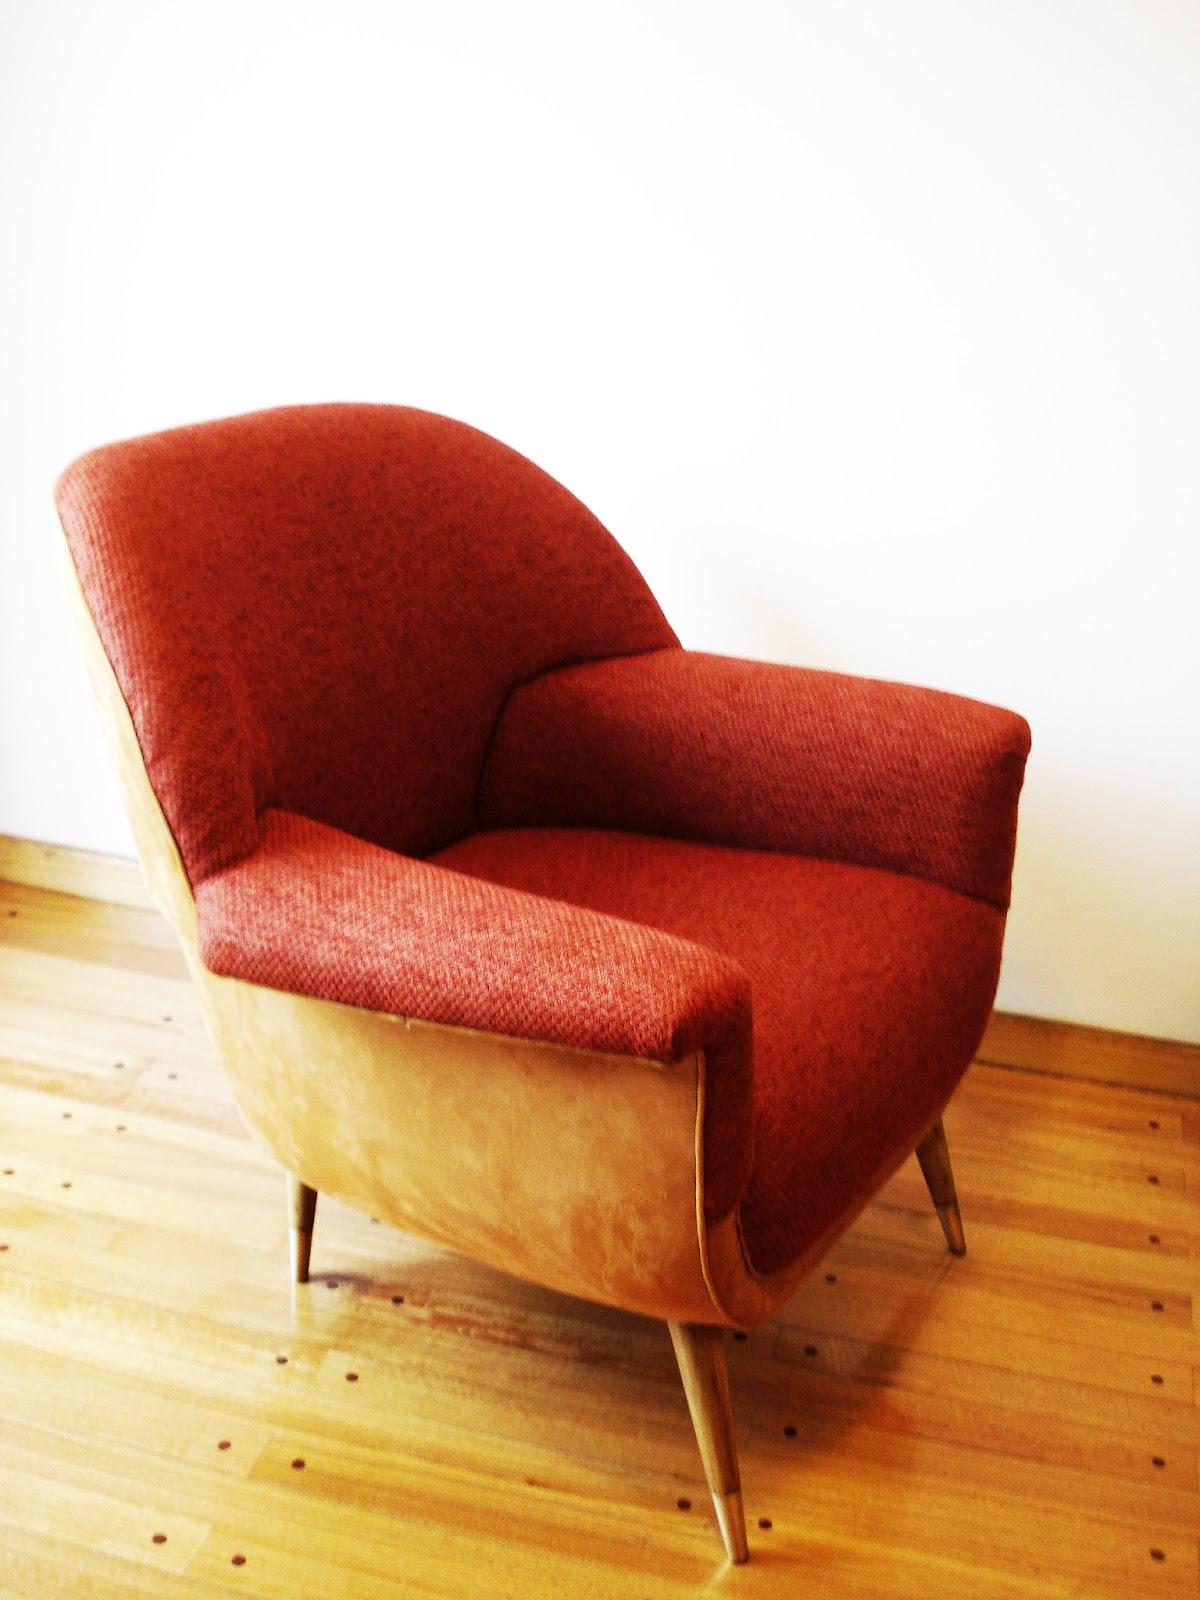 Chochiloca reciclado de muebles sillon 1 cuerpo for Reciclado de muebles